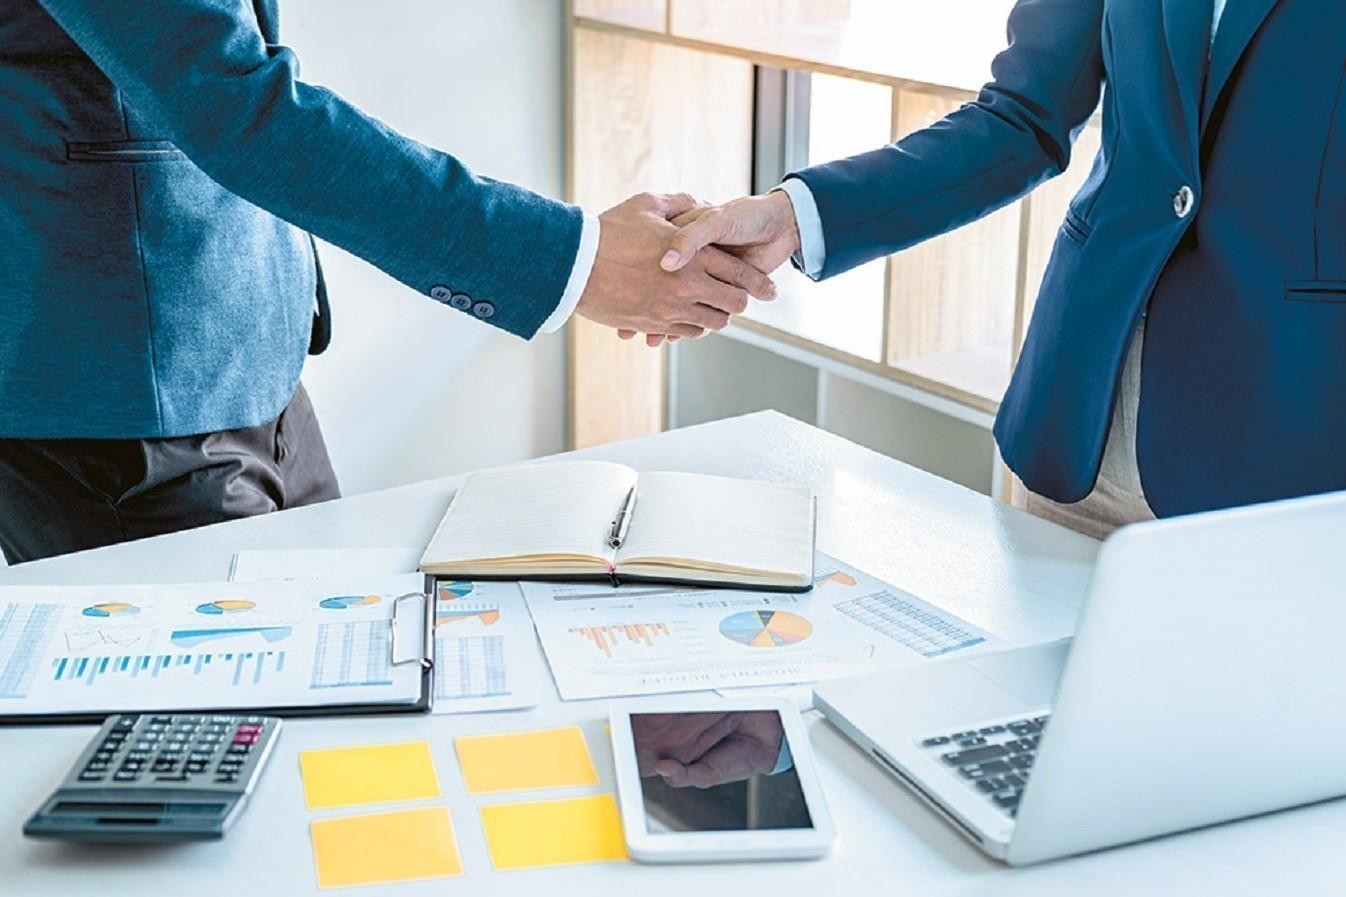 Έρχονται κίνητρα για συγχωνεύσεις ή εξαγορές επιχειρήσεων